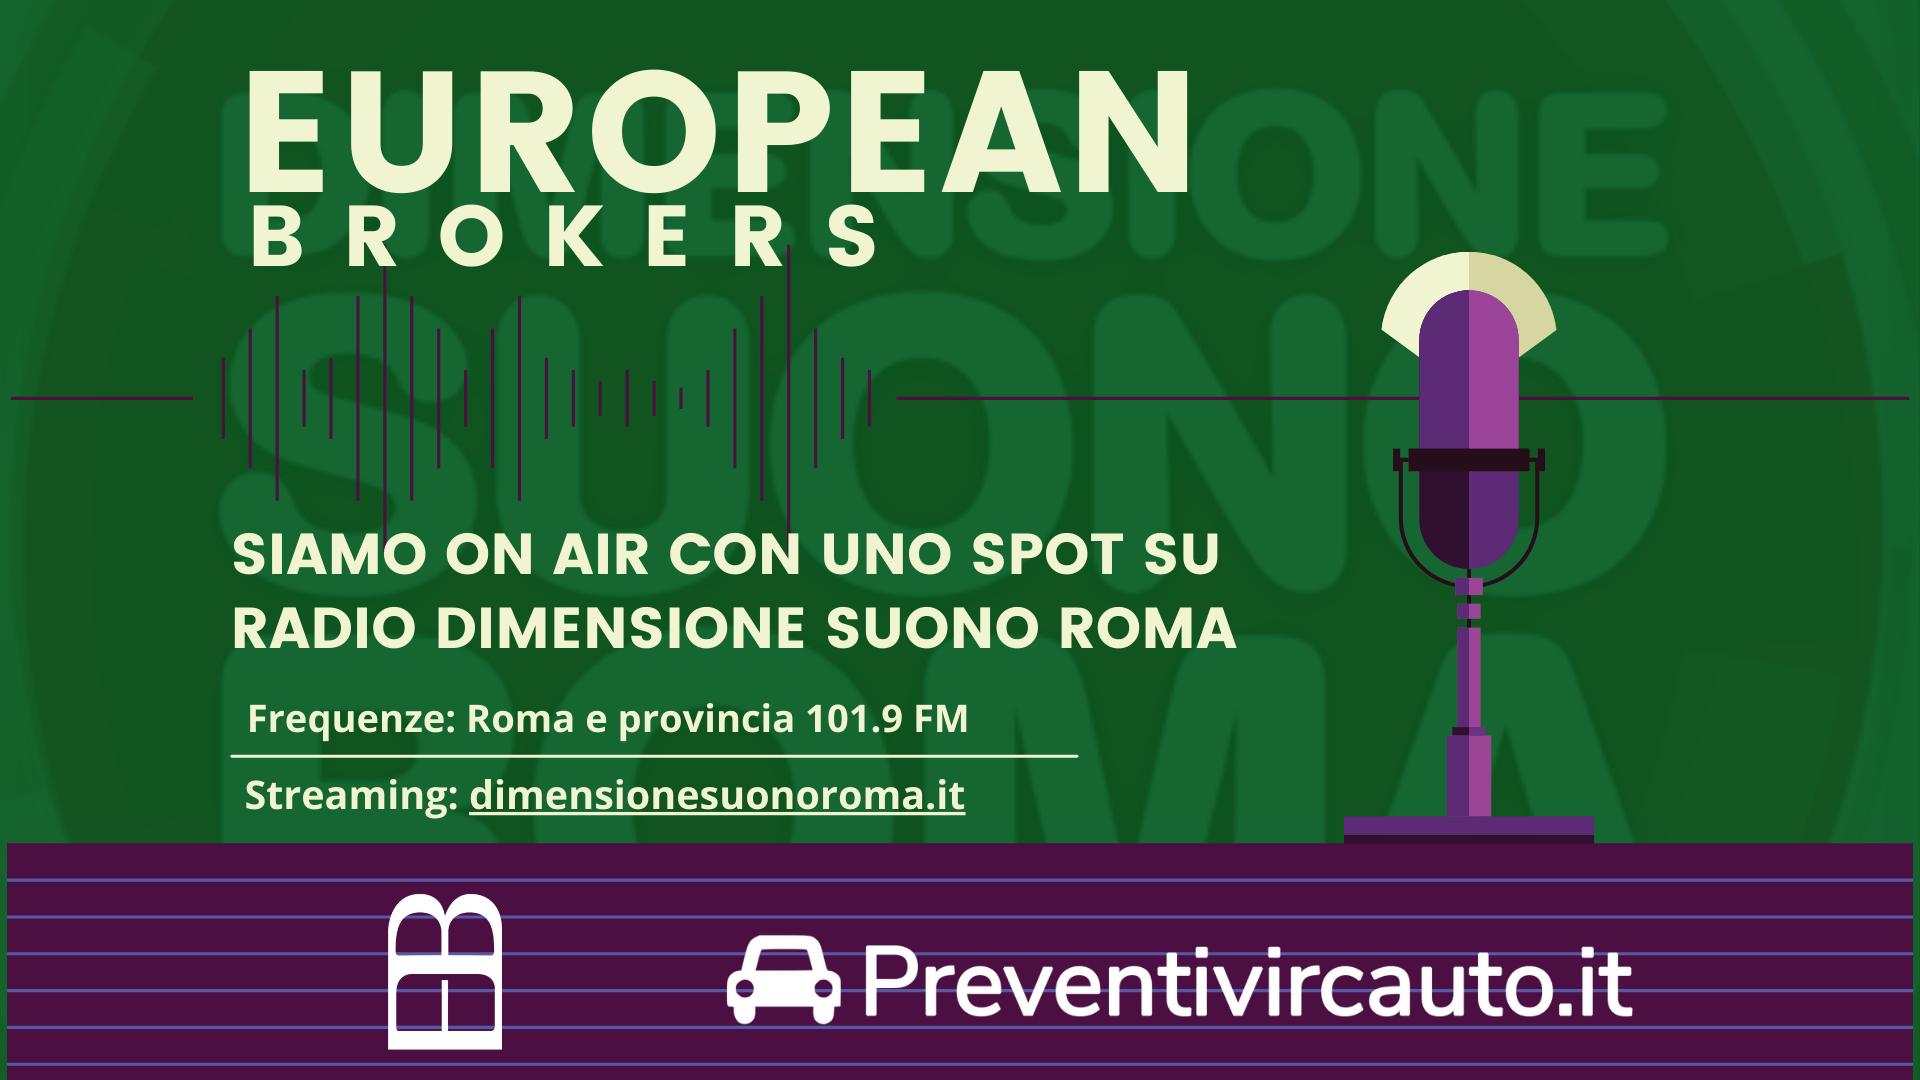 Siamo On Air con uno Spot su Radio Dimensione Suono Roma